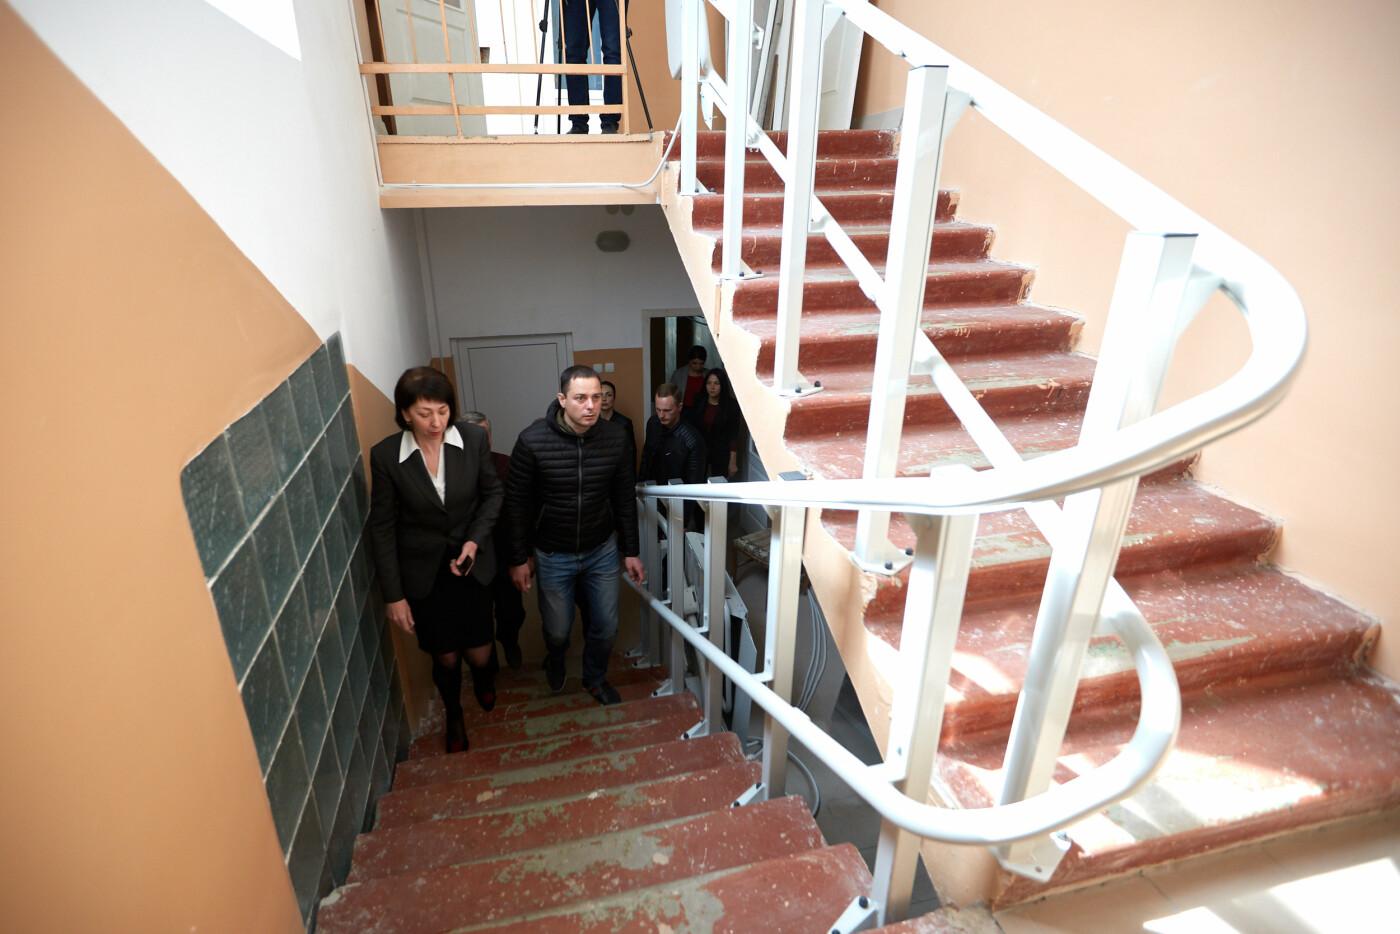 В Каменском завершается реконструкция отделений реабилитации для детей с инвалидностью, фото-3